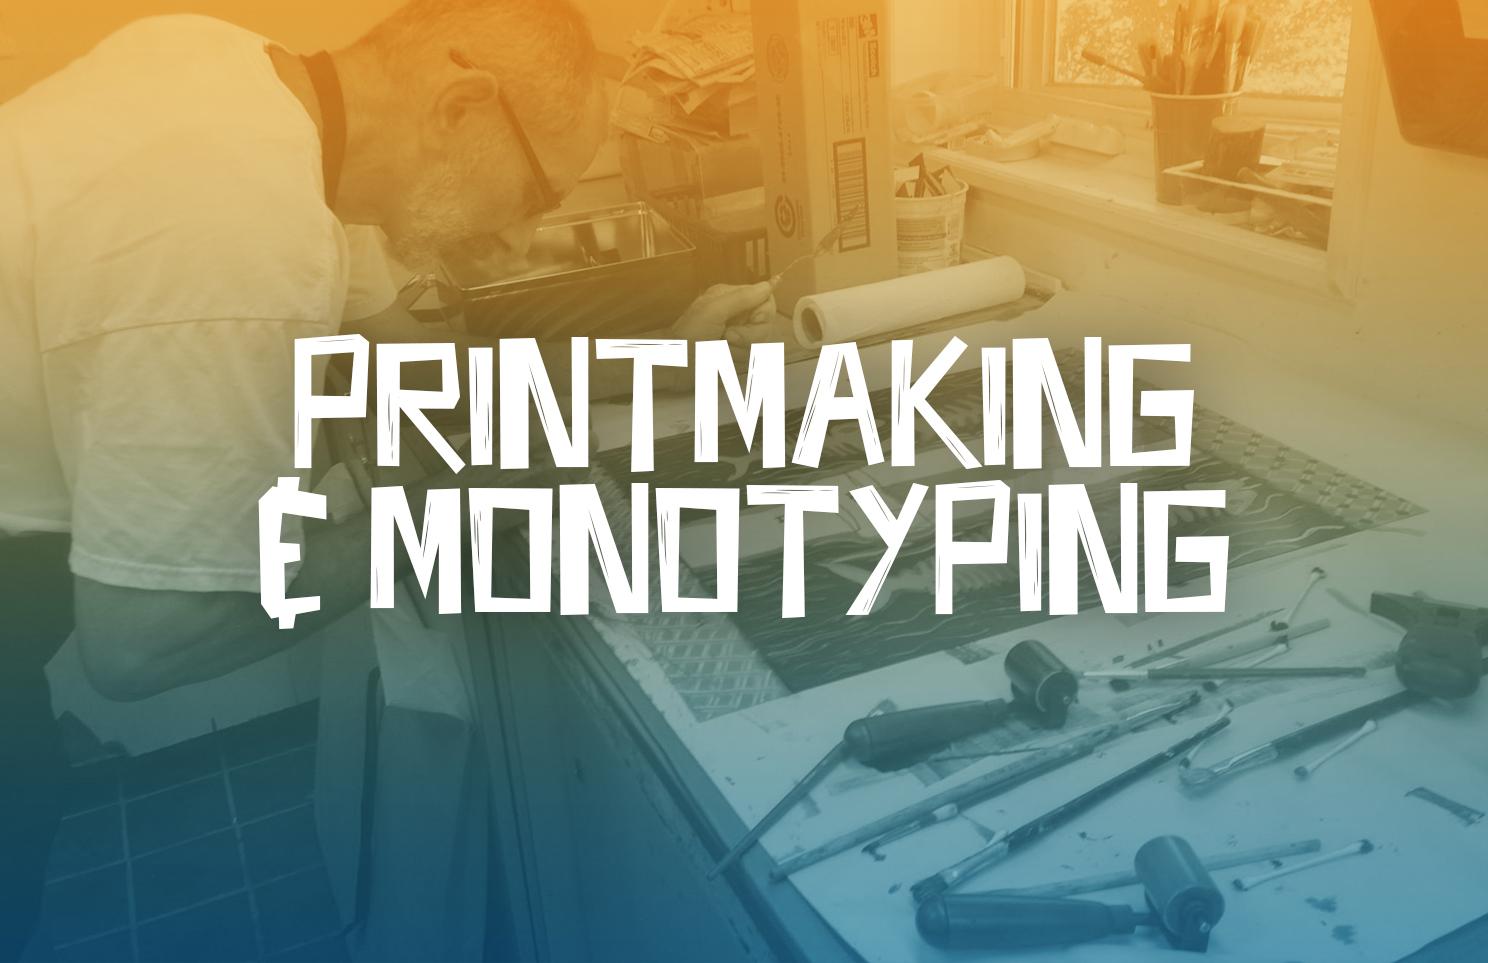 Printmaking & Monotyping